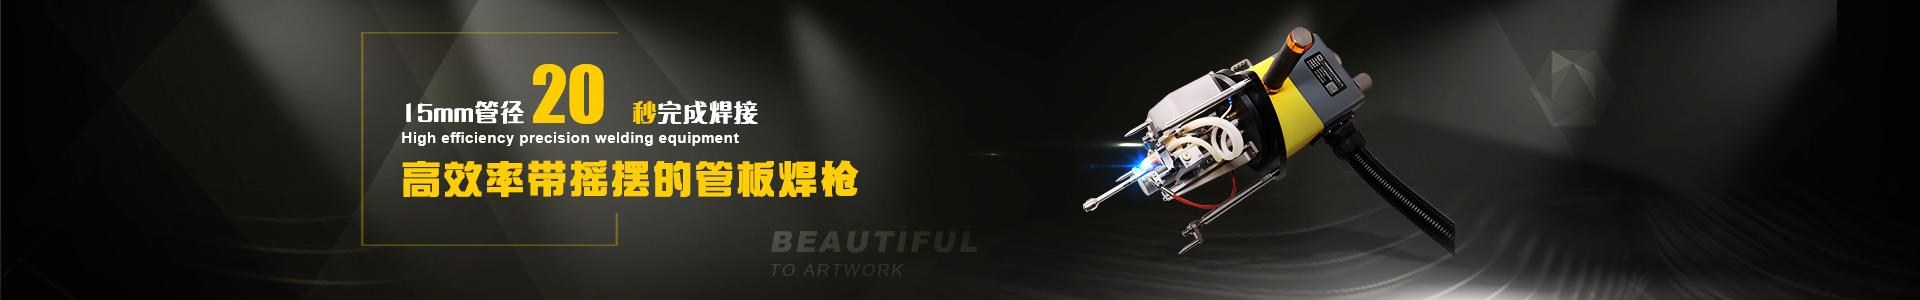 缇���绠℃�跨����15mm绠″�20绉�瀹���锛����ヨ川��绋冲��